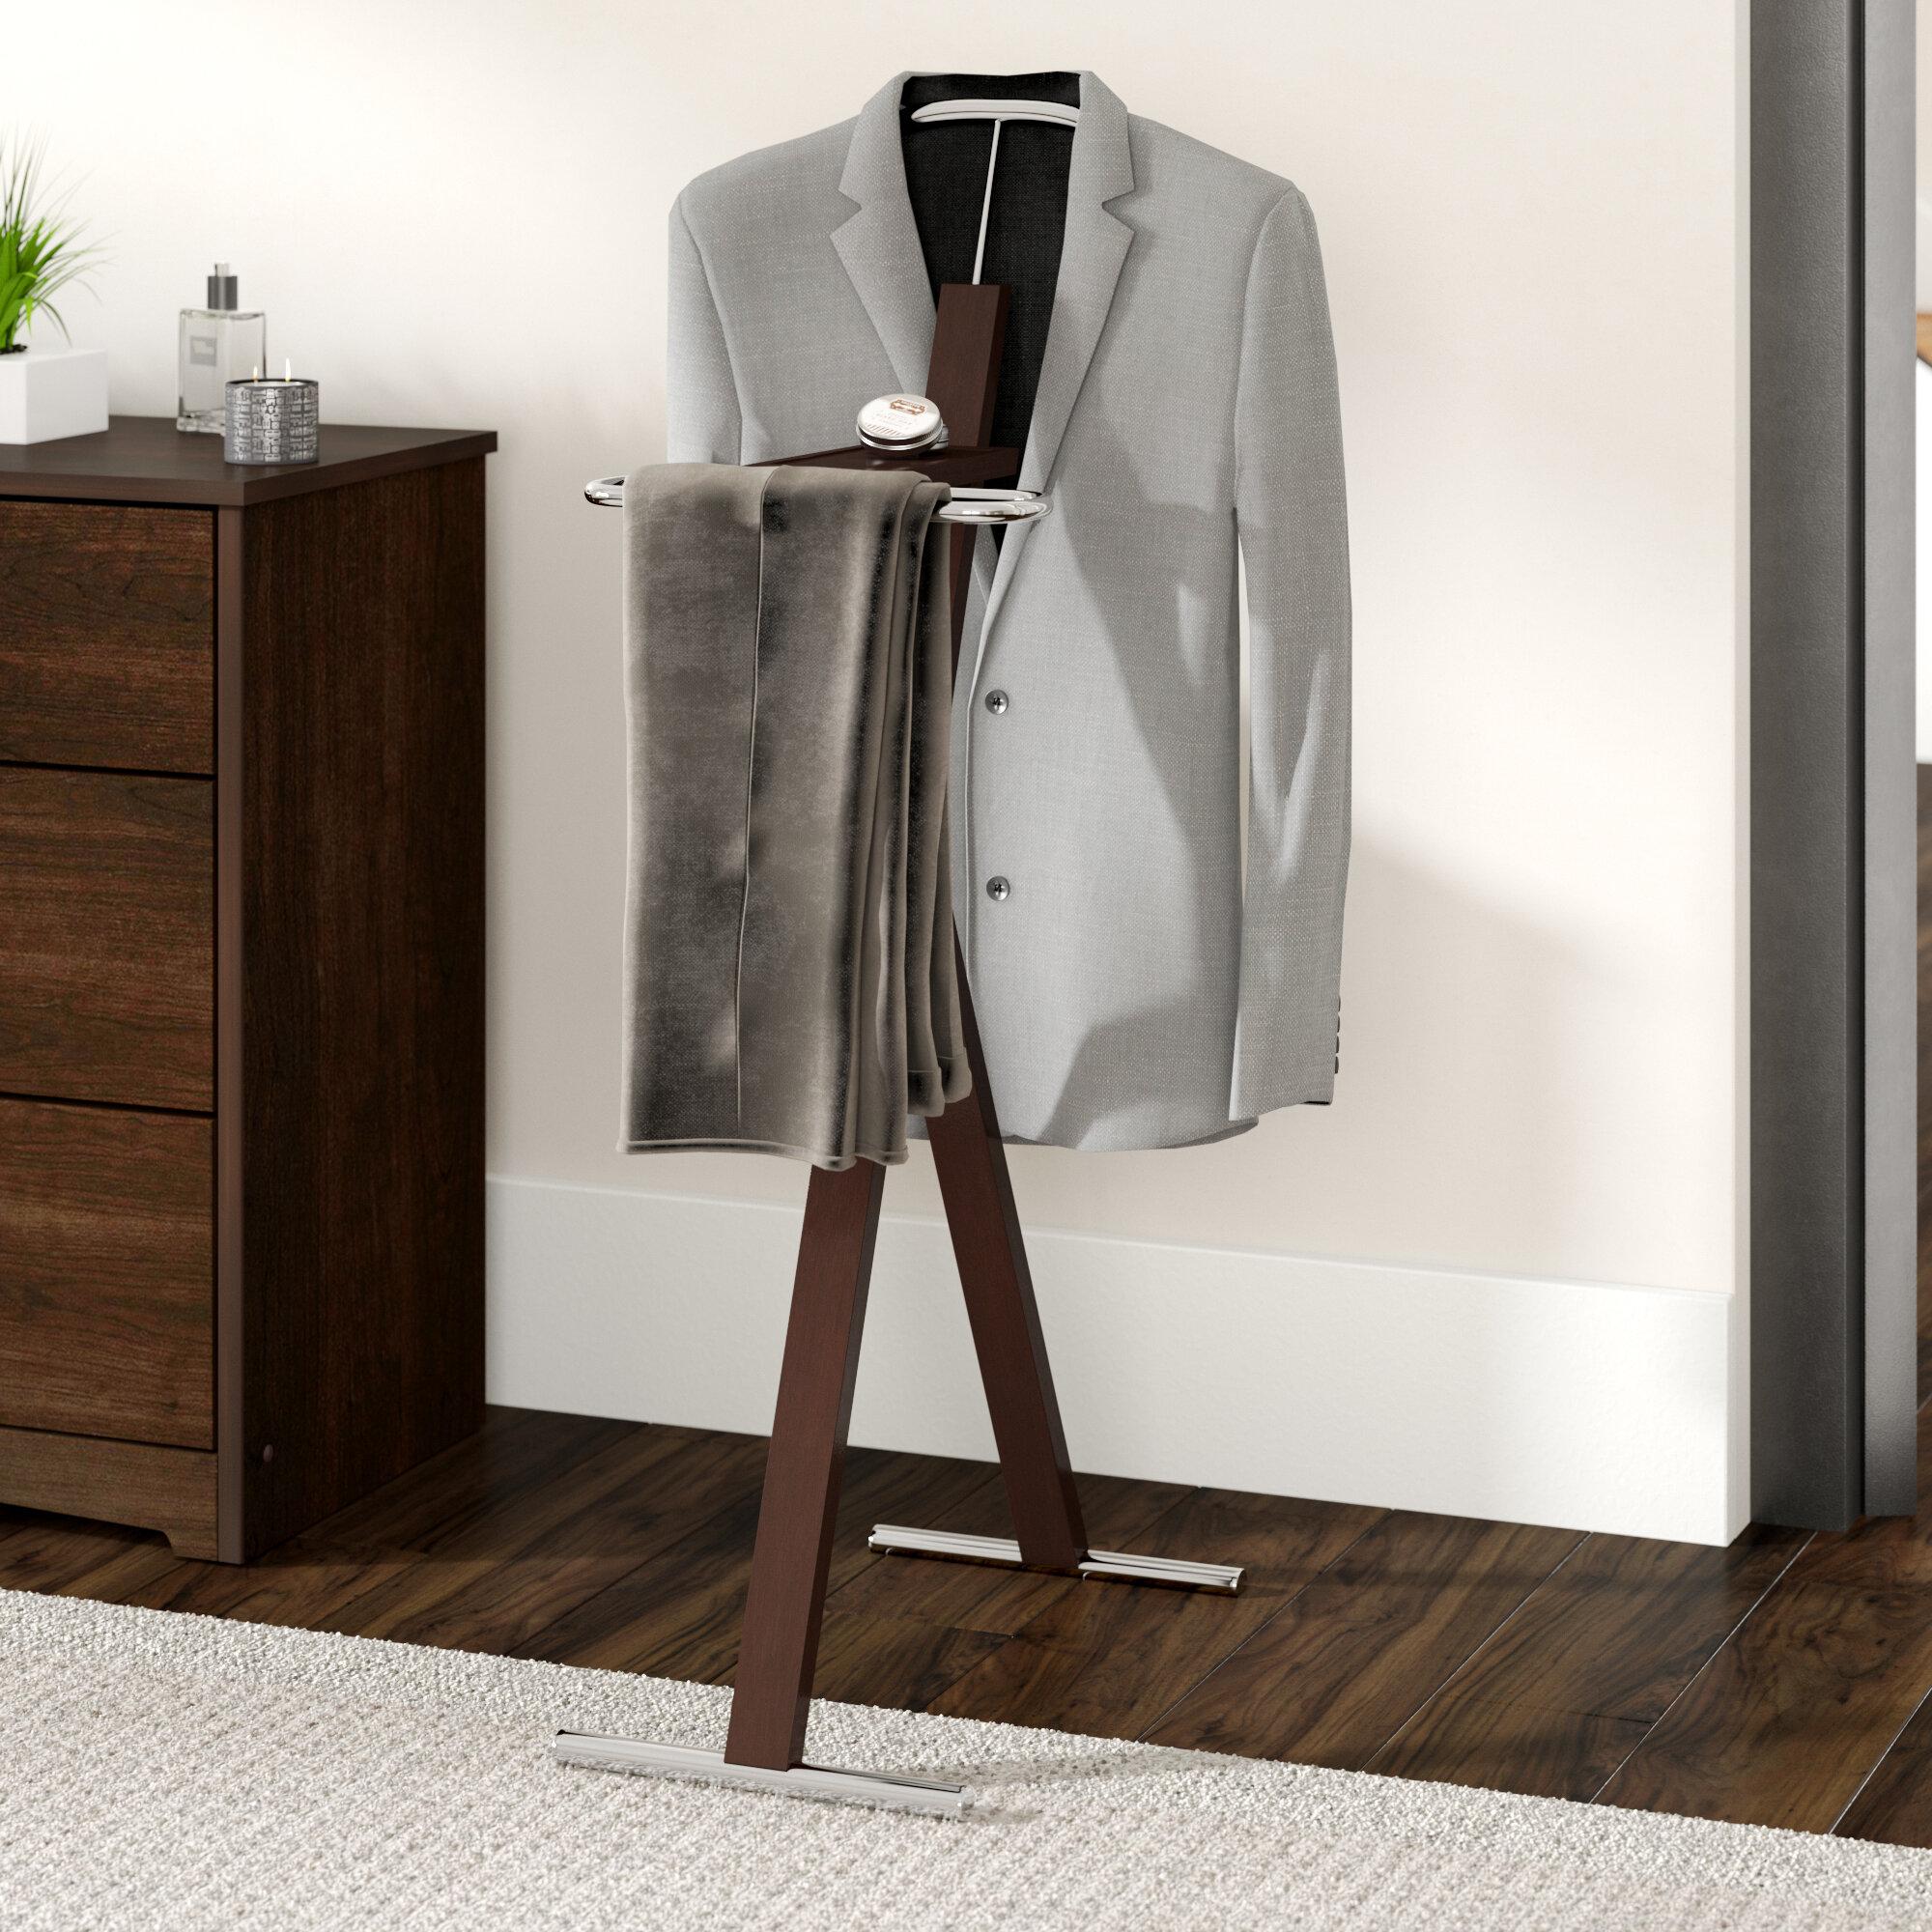 Ordinaire Zipcode Design Katrice Metal Bedroom Valet Stand U0026 Reviews | Wayfair